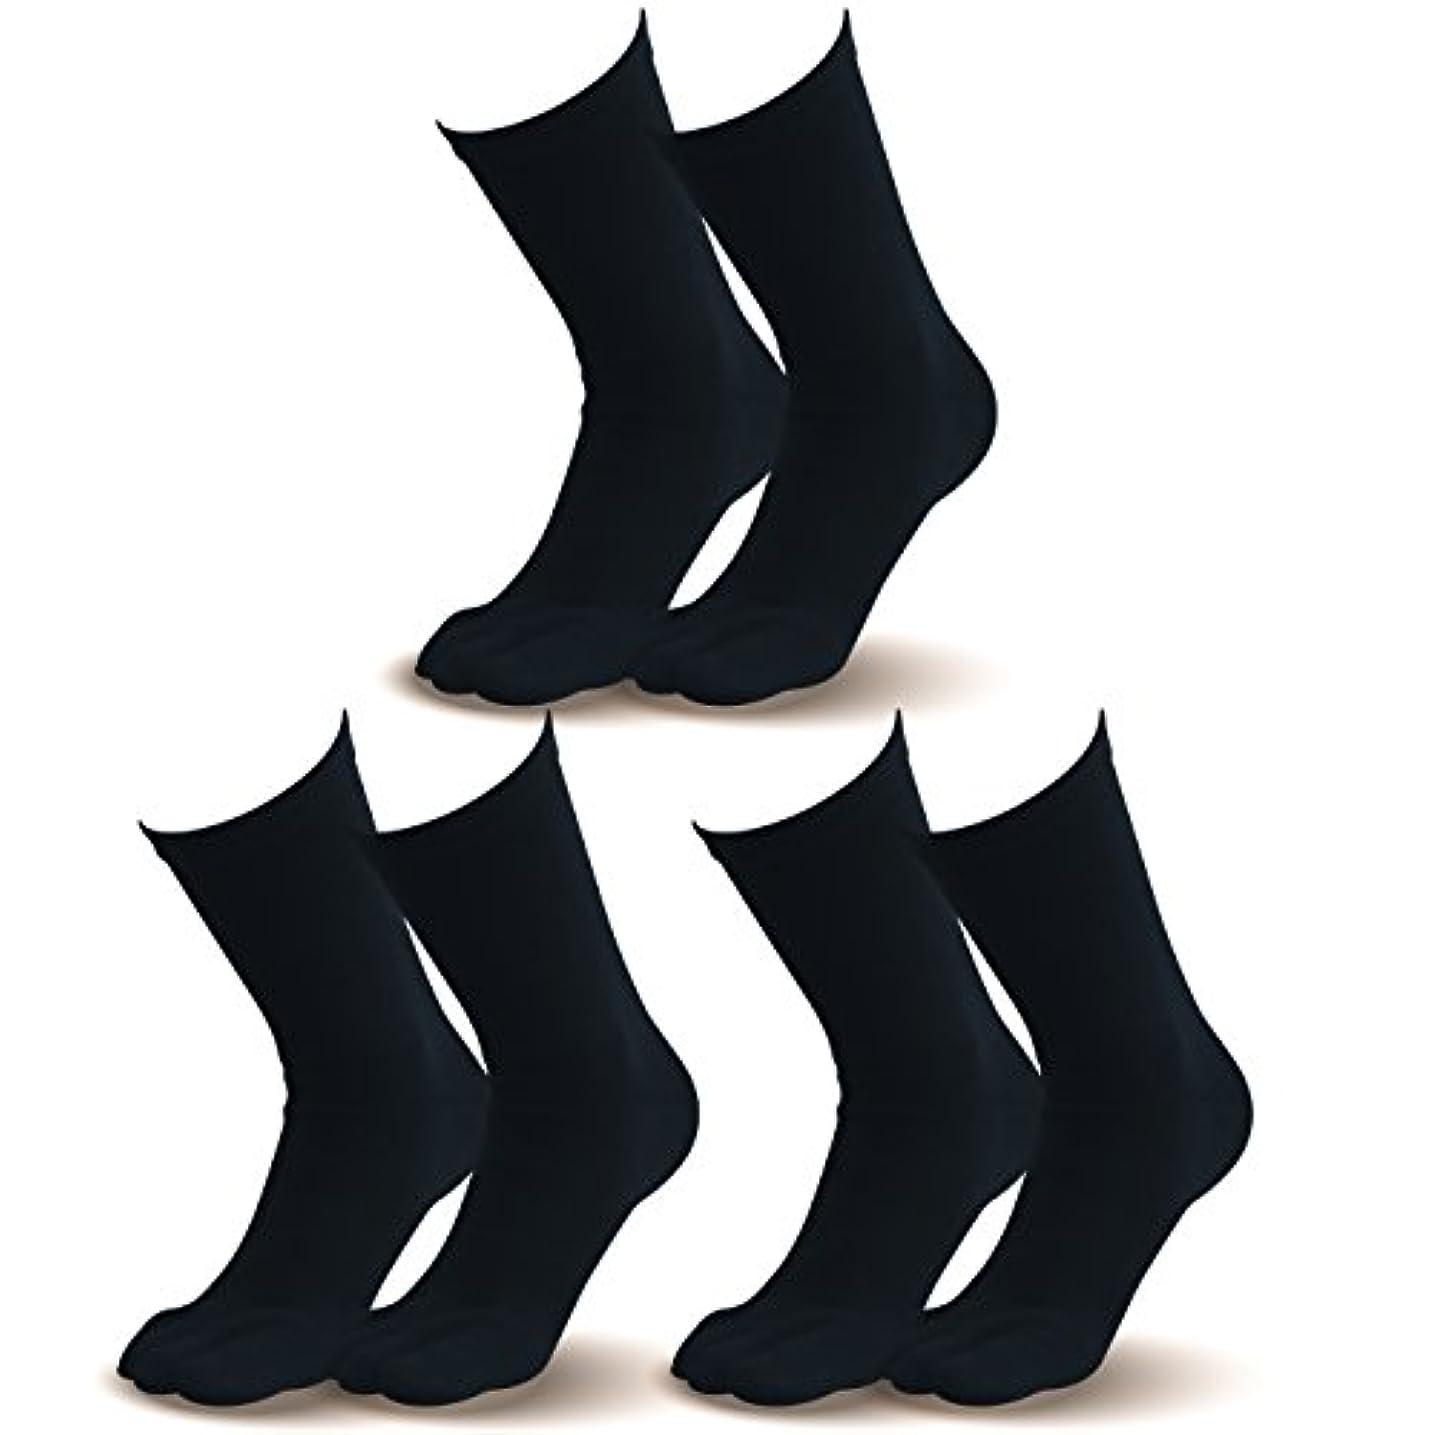 十分に刈る不完全【指先まであったか靴下】とってもお得な ブラック3足組  温かい 暖かい 遠赤外線加工 セラミック 伸びる 外反母趾対策 健康 5本指ソックス